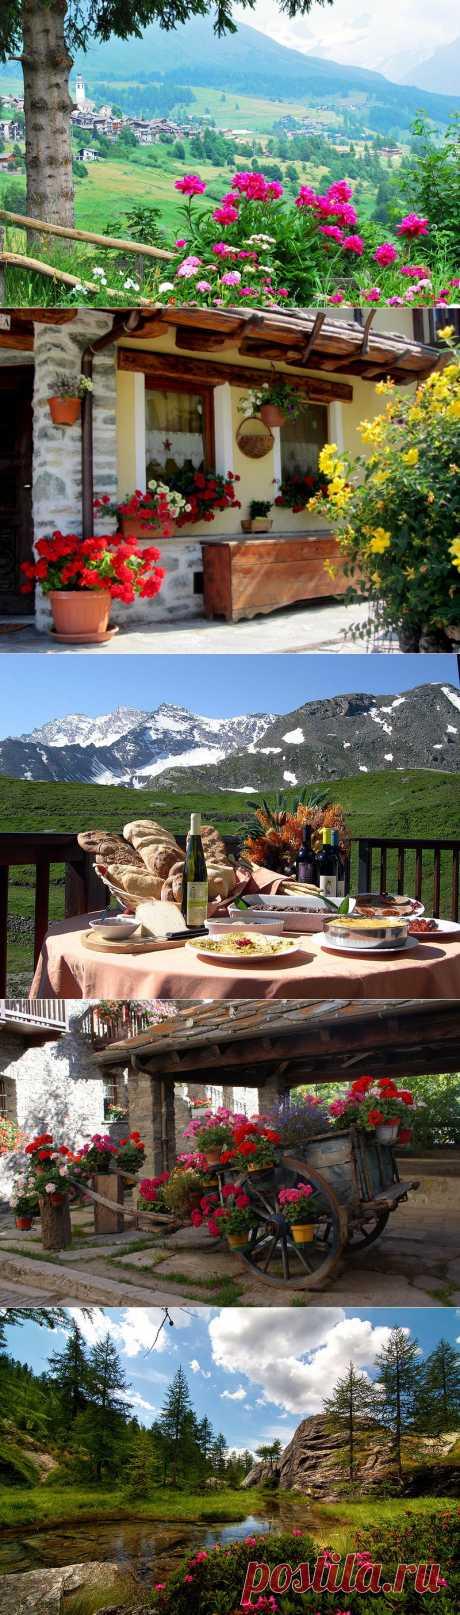 Picturesque valley of Vallée-d'aosta. Italy.